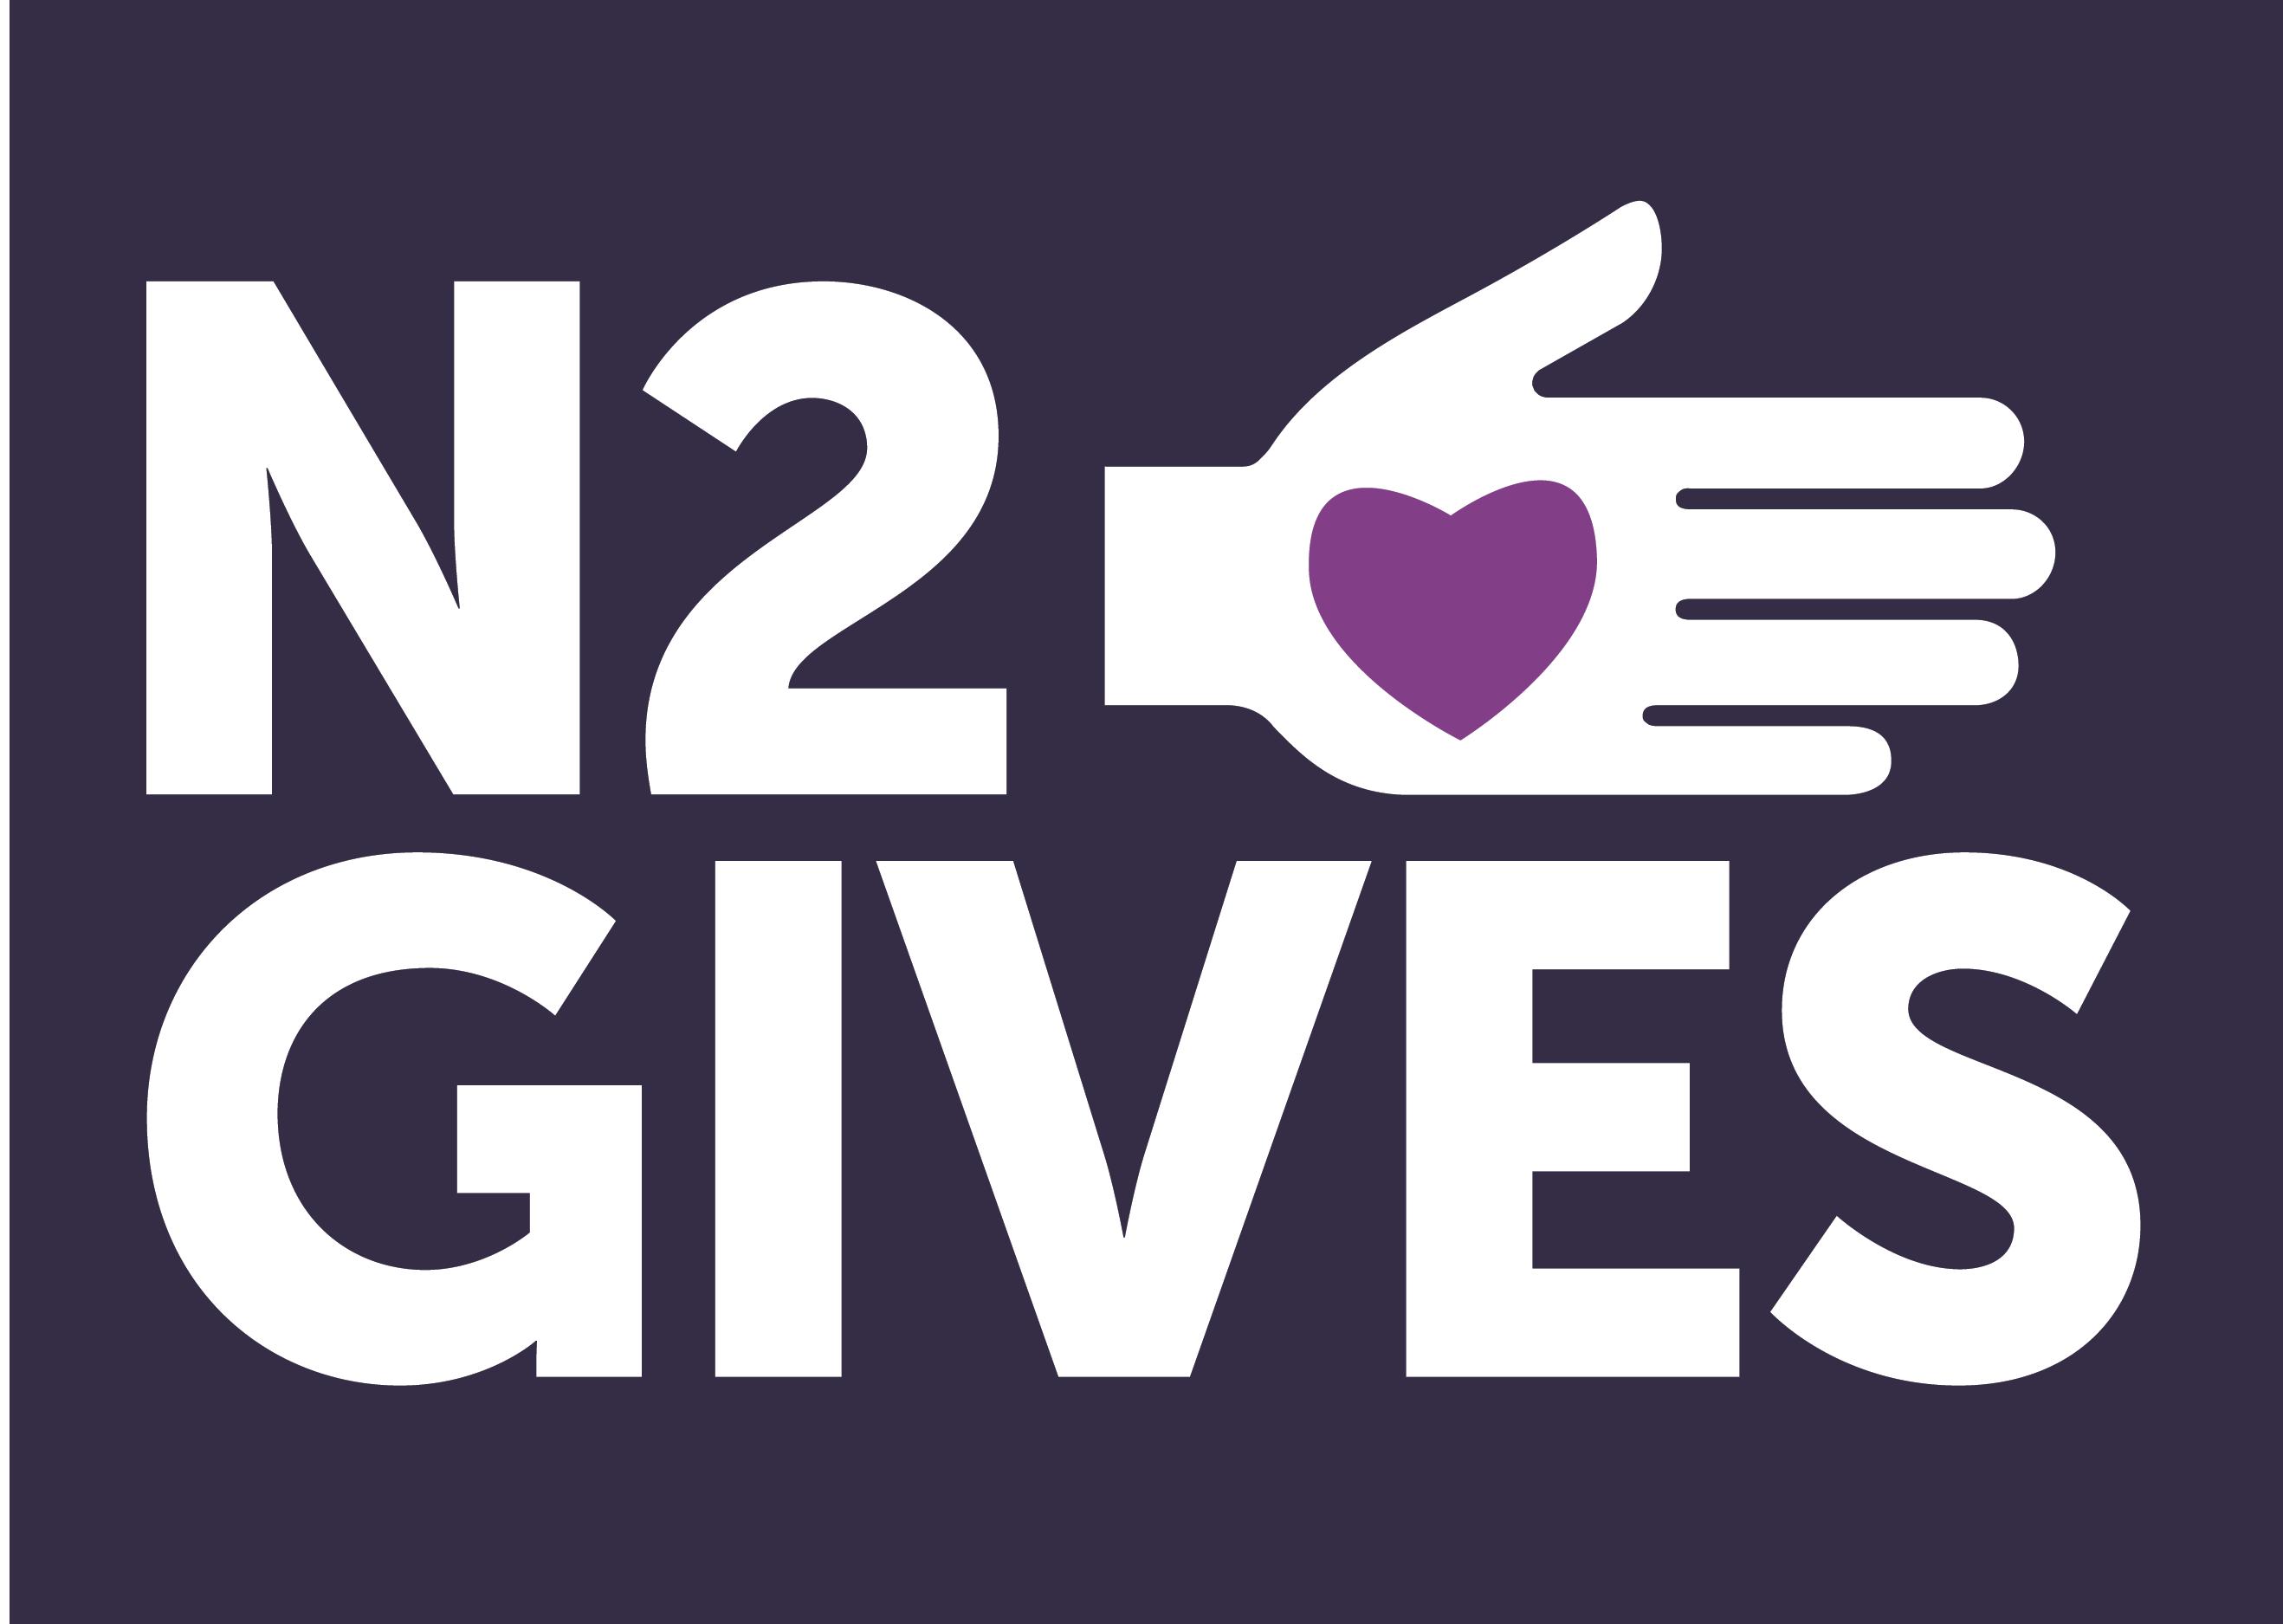 N2 gives logo full